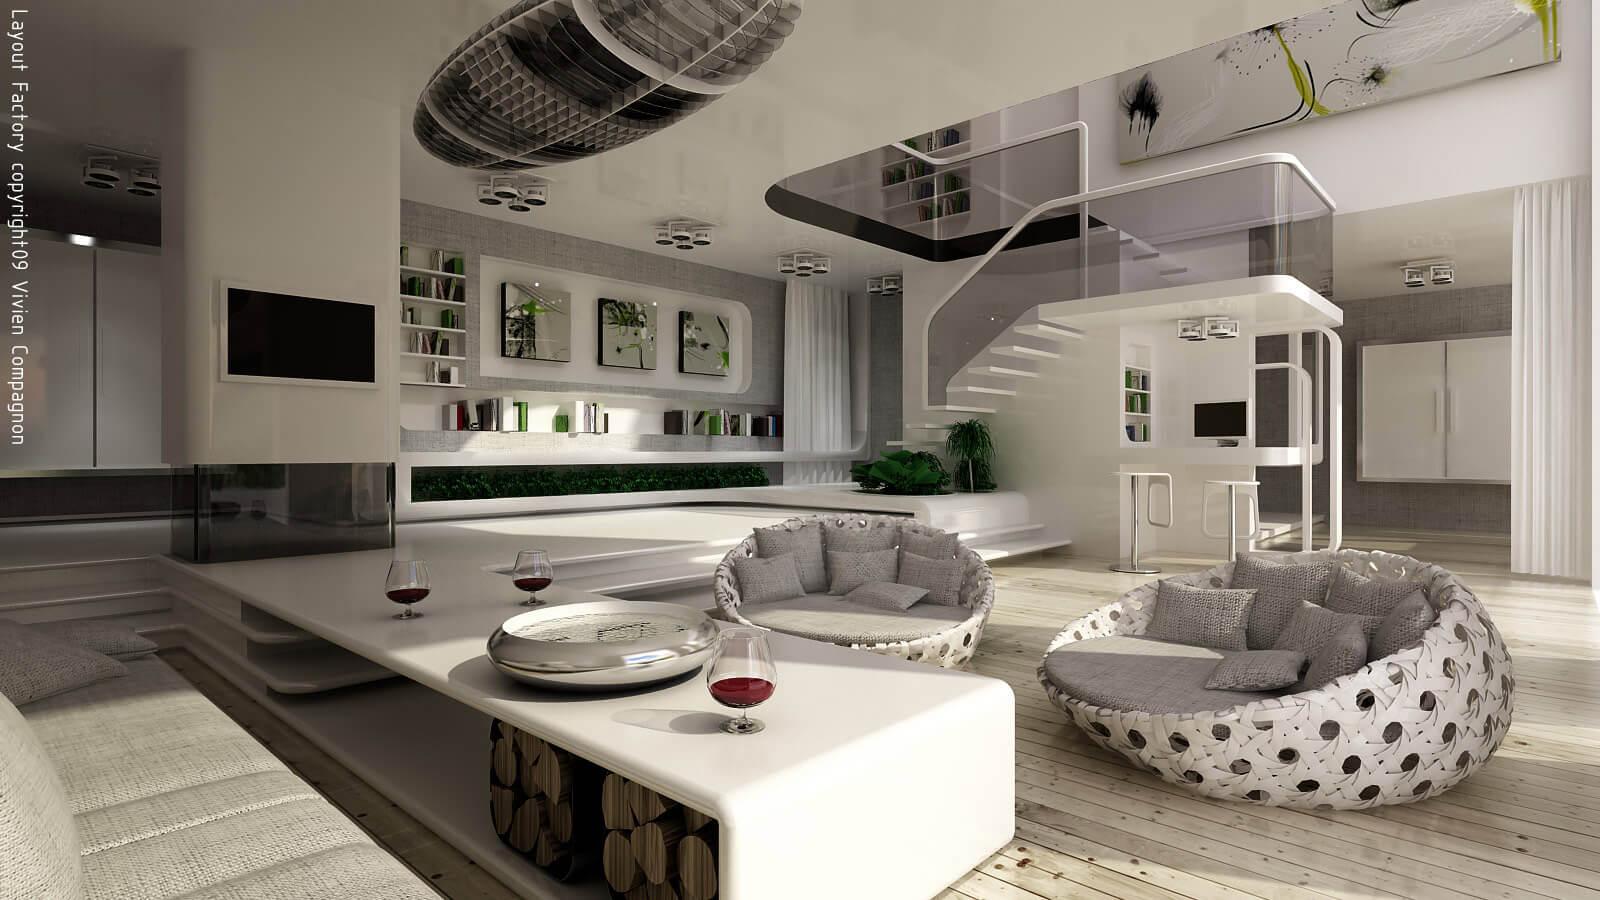 Architecte D Intérieur Decorateur décoration d'intérieur vs architecture d'intérieur : quelles